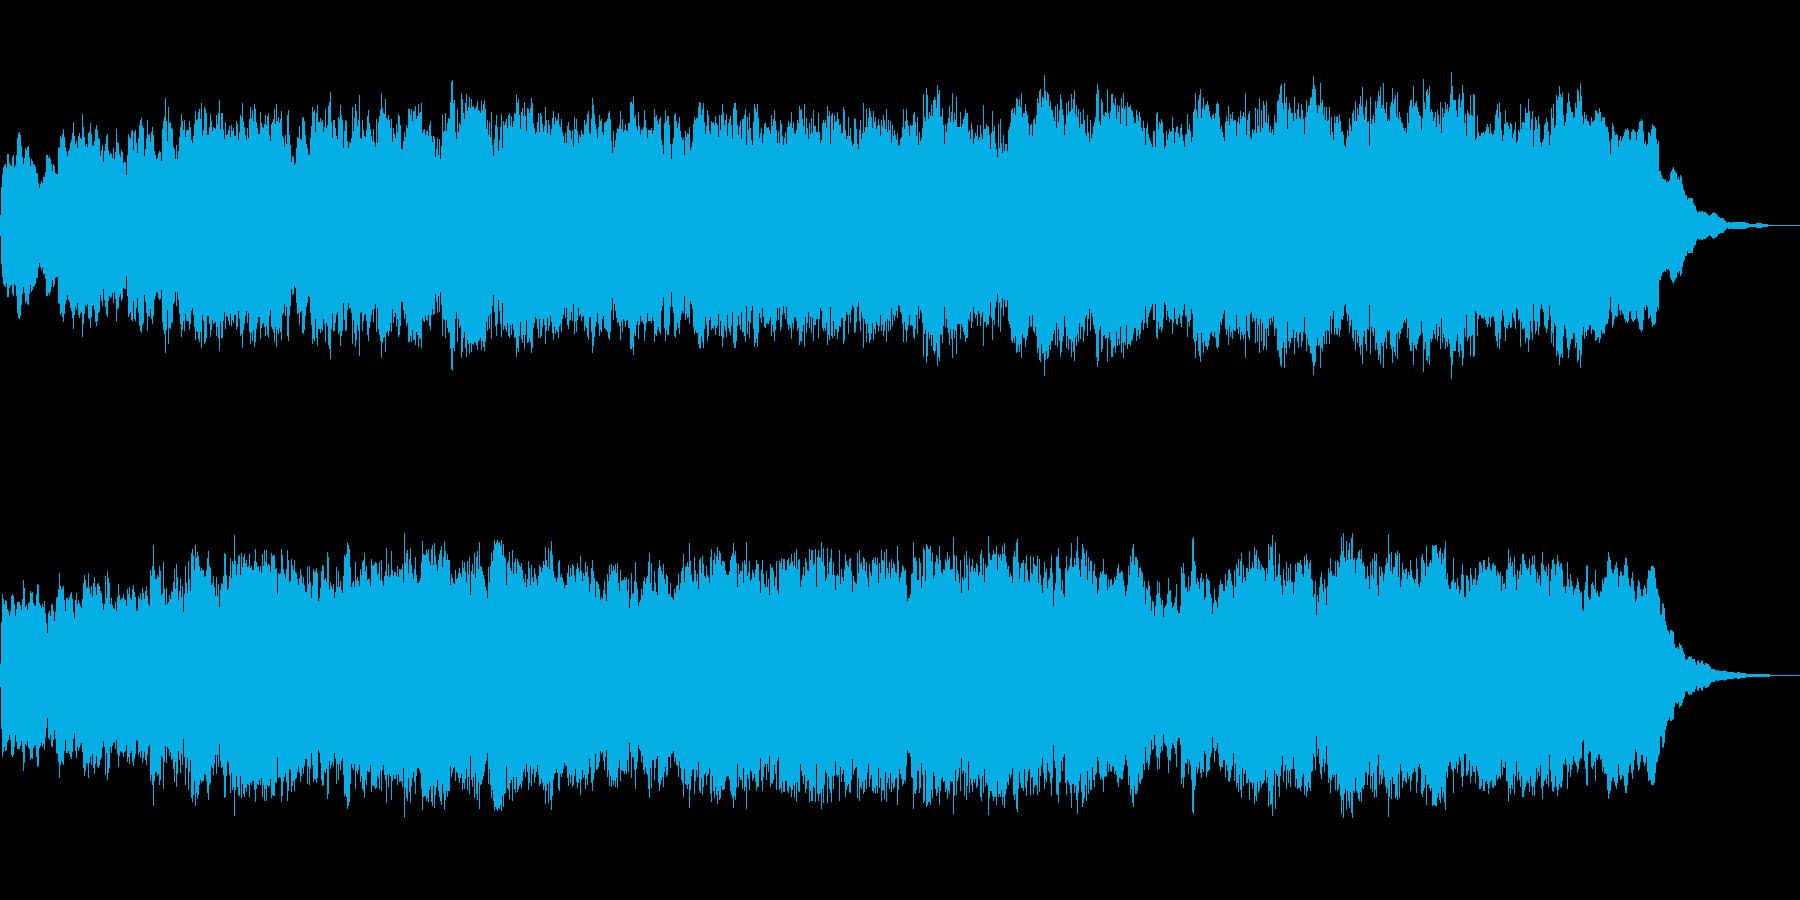 パイプオルガンのフーガ No.9の再生済みの波形